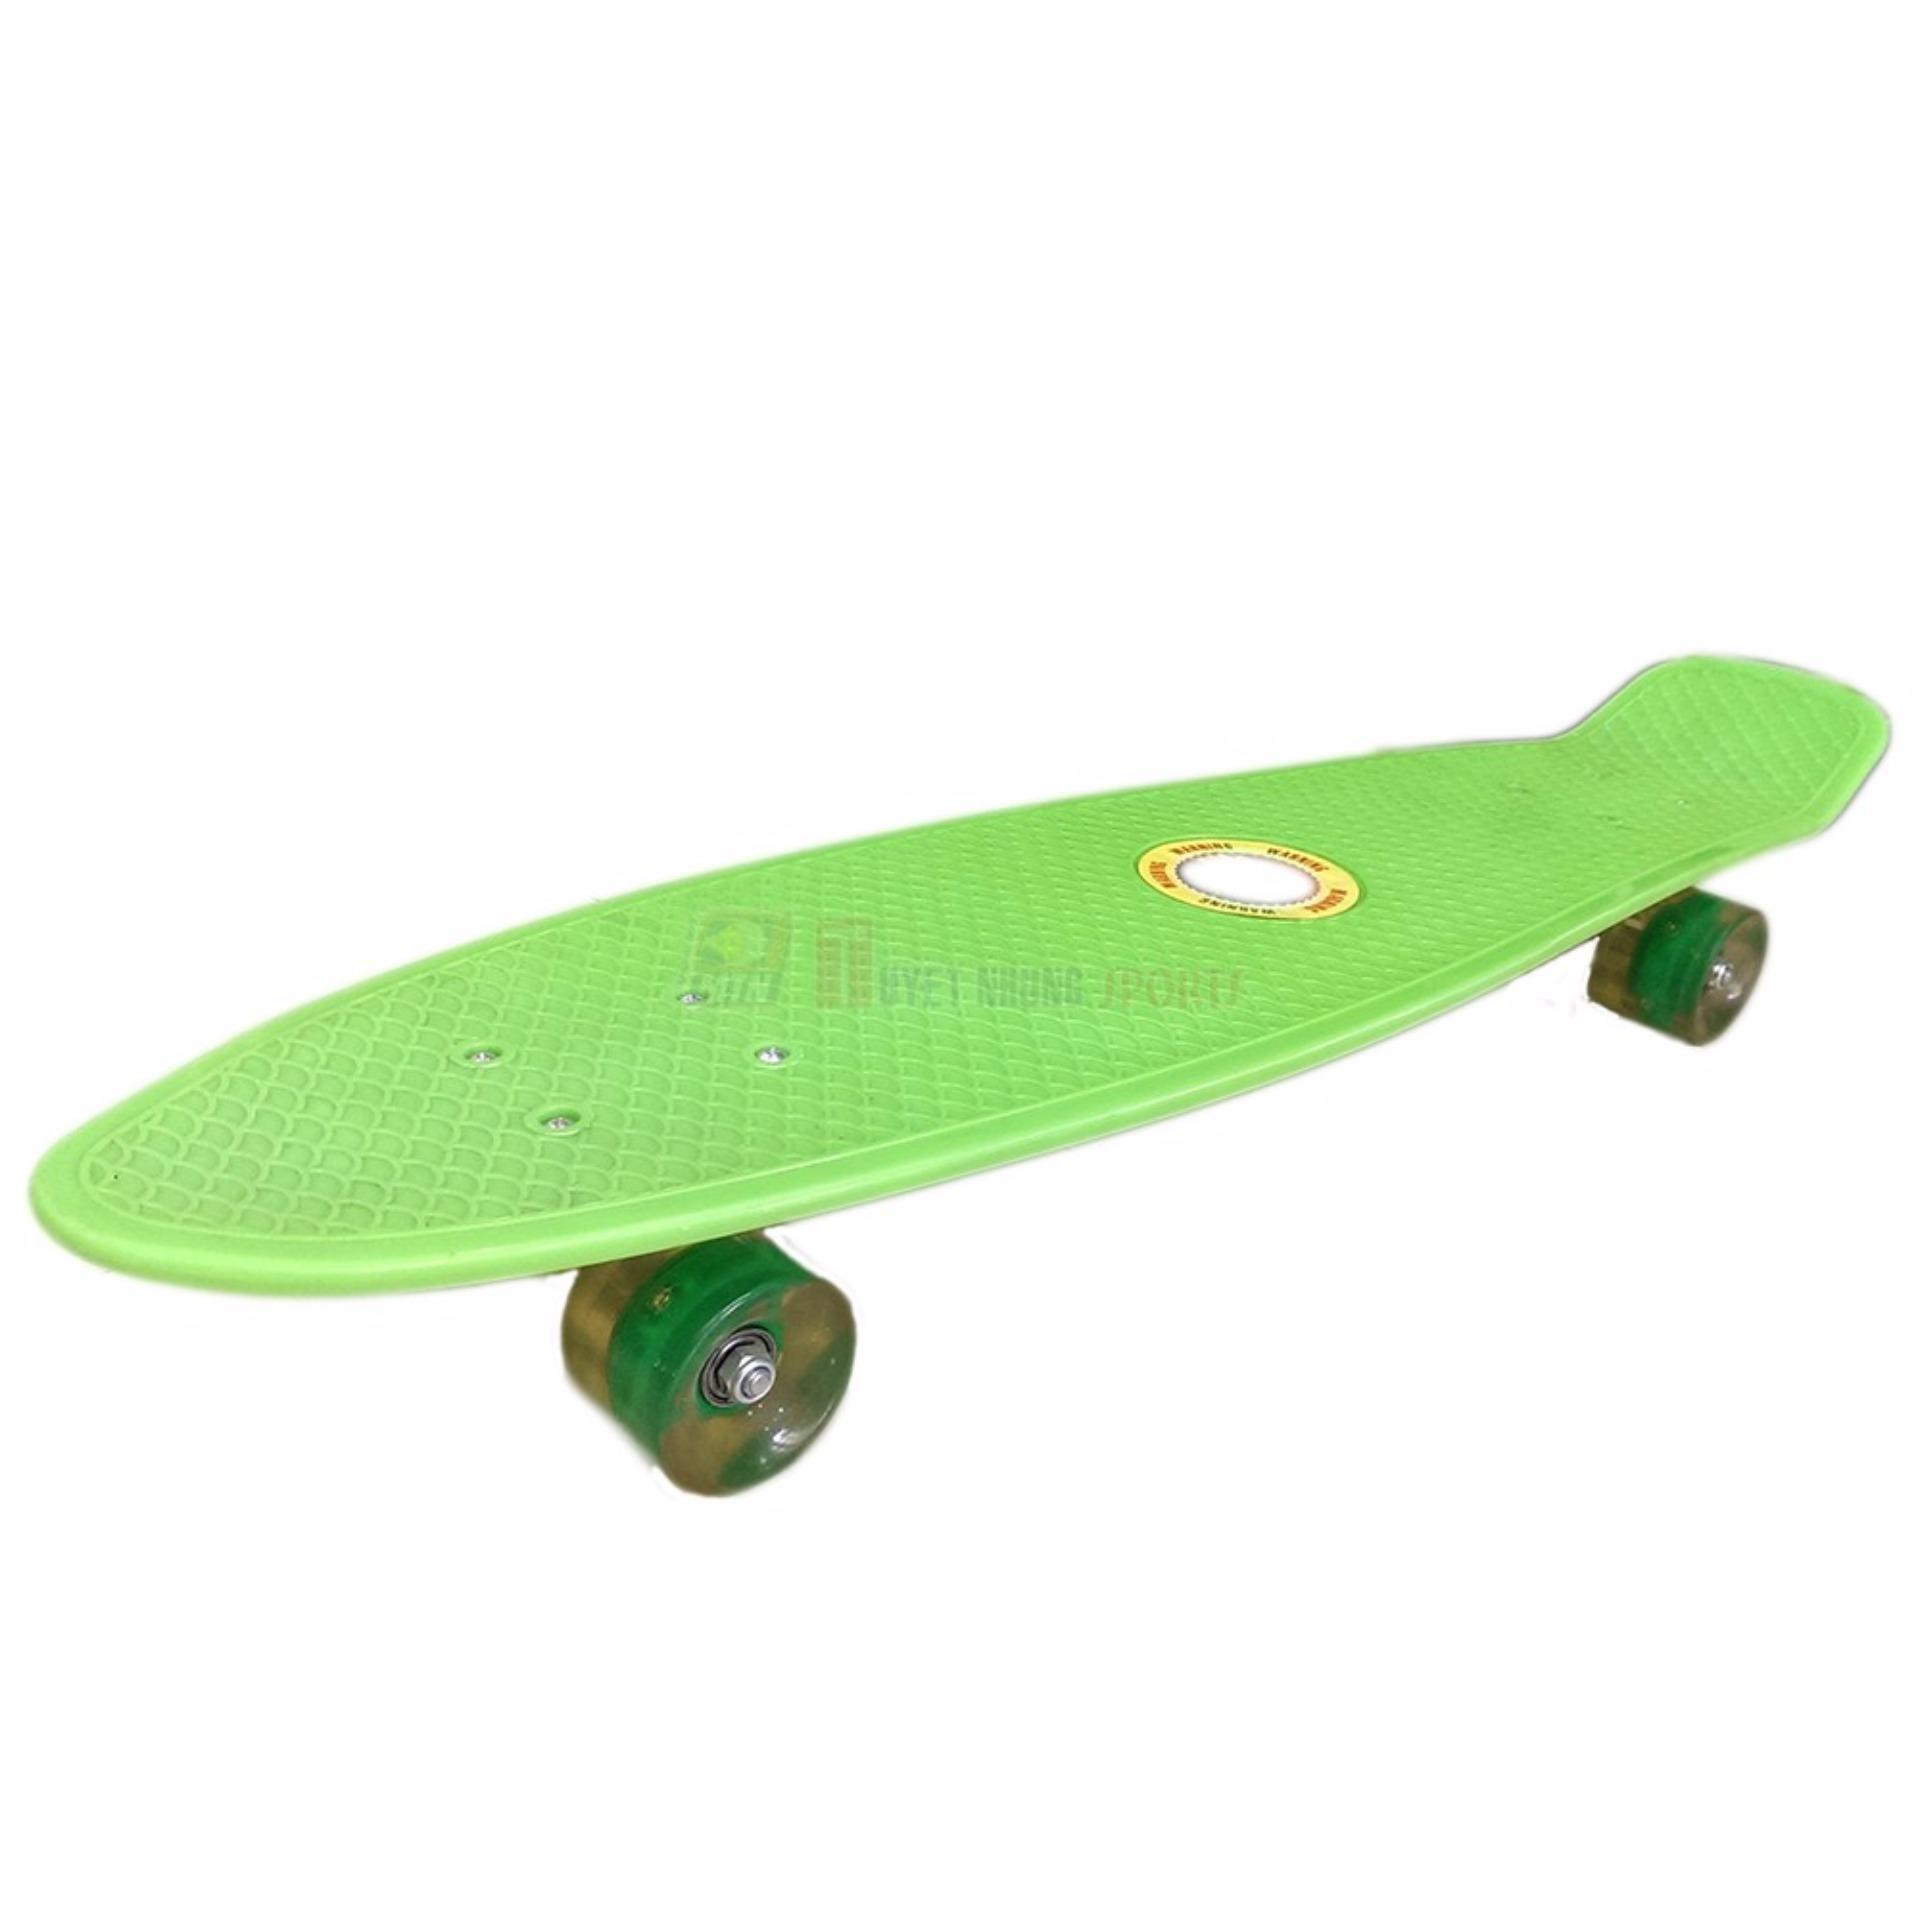 Ván trượt Skateboard Penny nhập khẩu cao cấp - tiêu chuẩn thi đấu - xanh lá